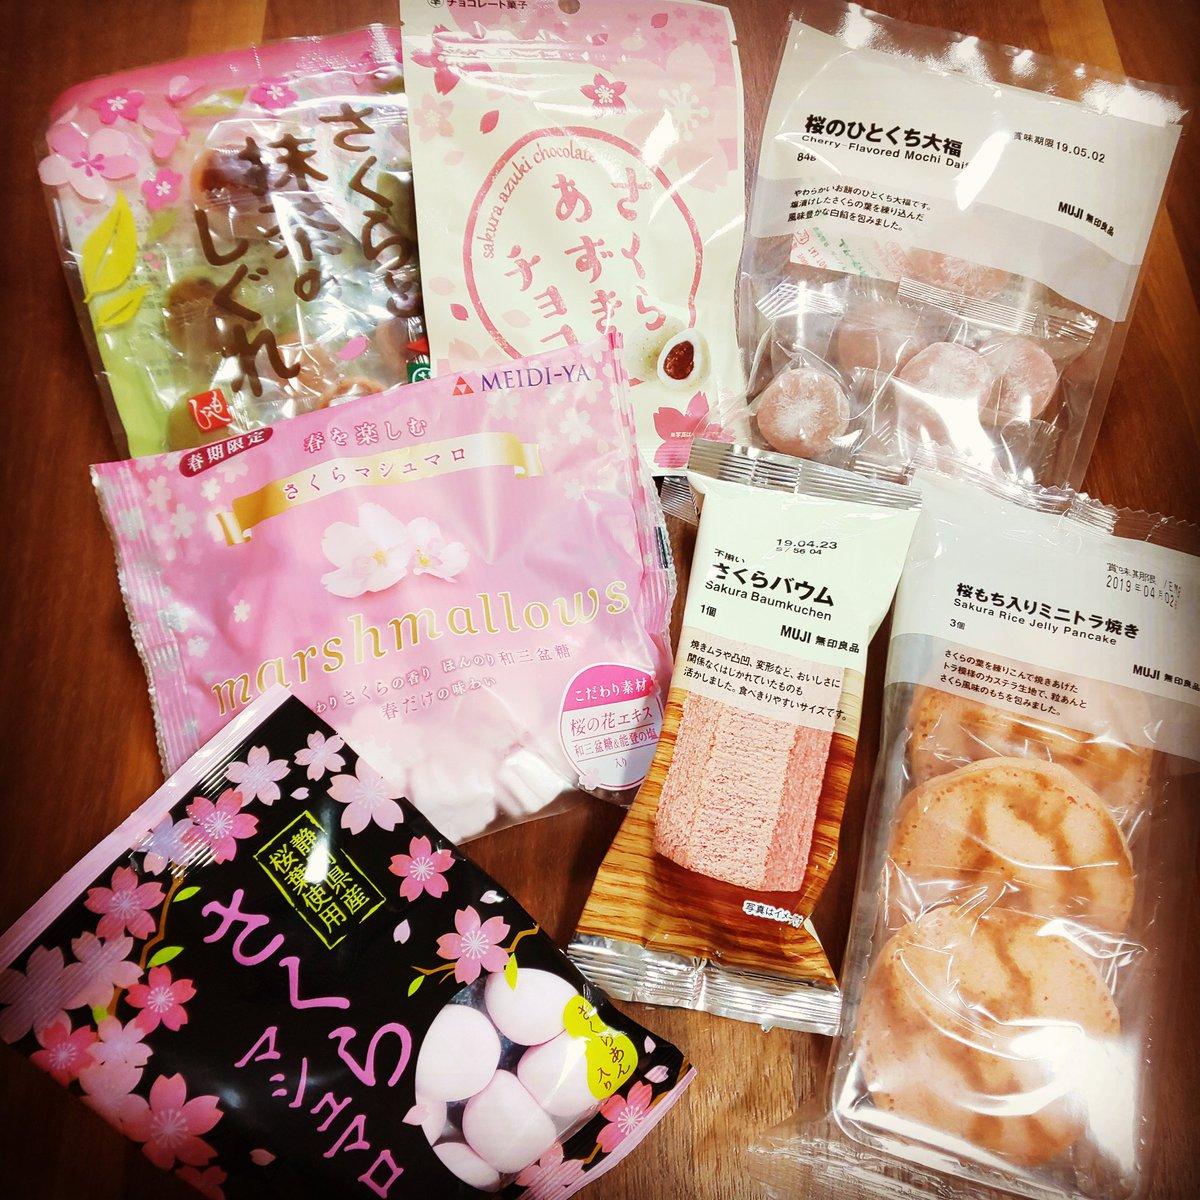 #桜狩り KALDIと無印編 もう抹茶の如く日本の良き味としてレギュラー化してほしいわ。 #桜のお菓子 #桜スイーツ #春限定🌸